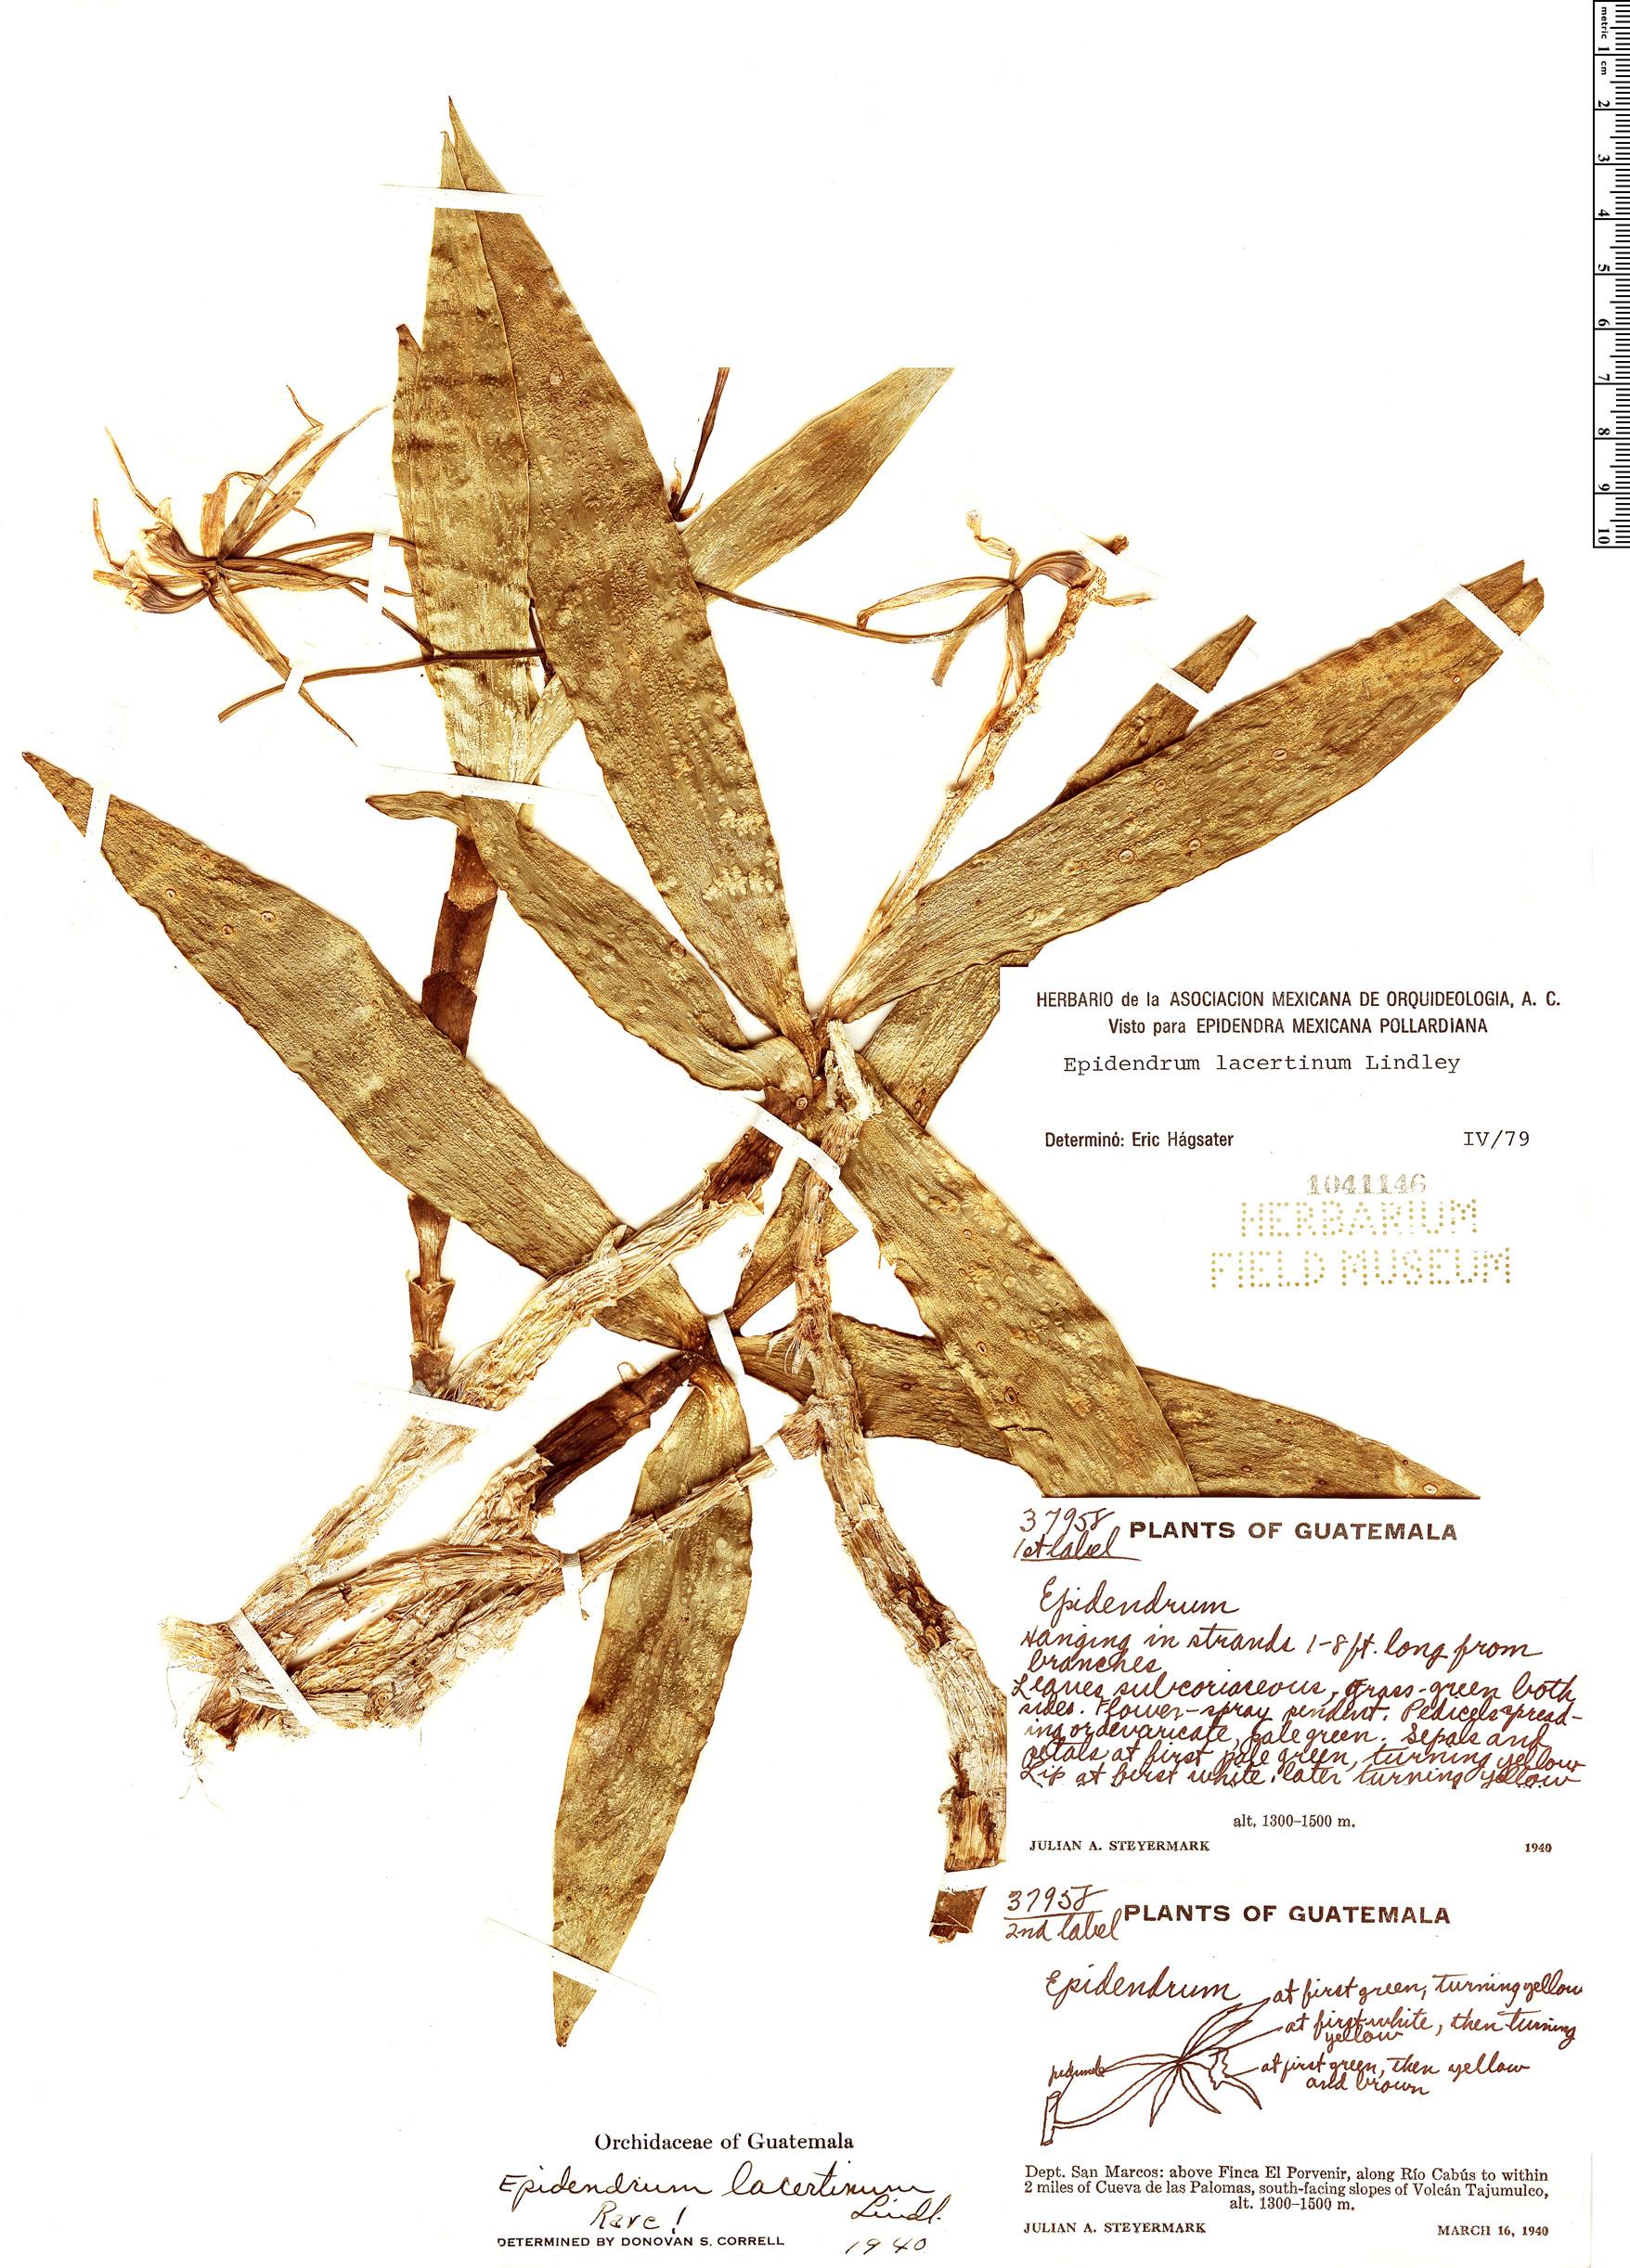 Specimen: Epidendrum lacertinum